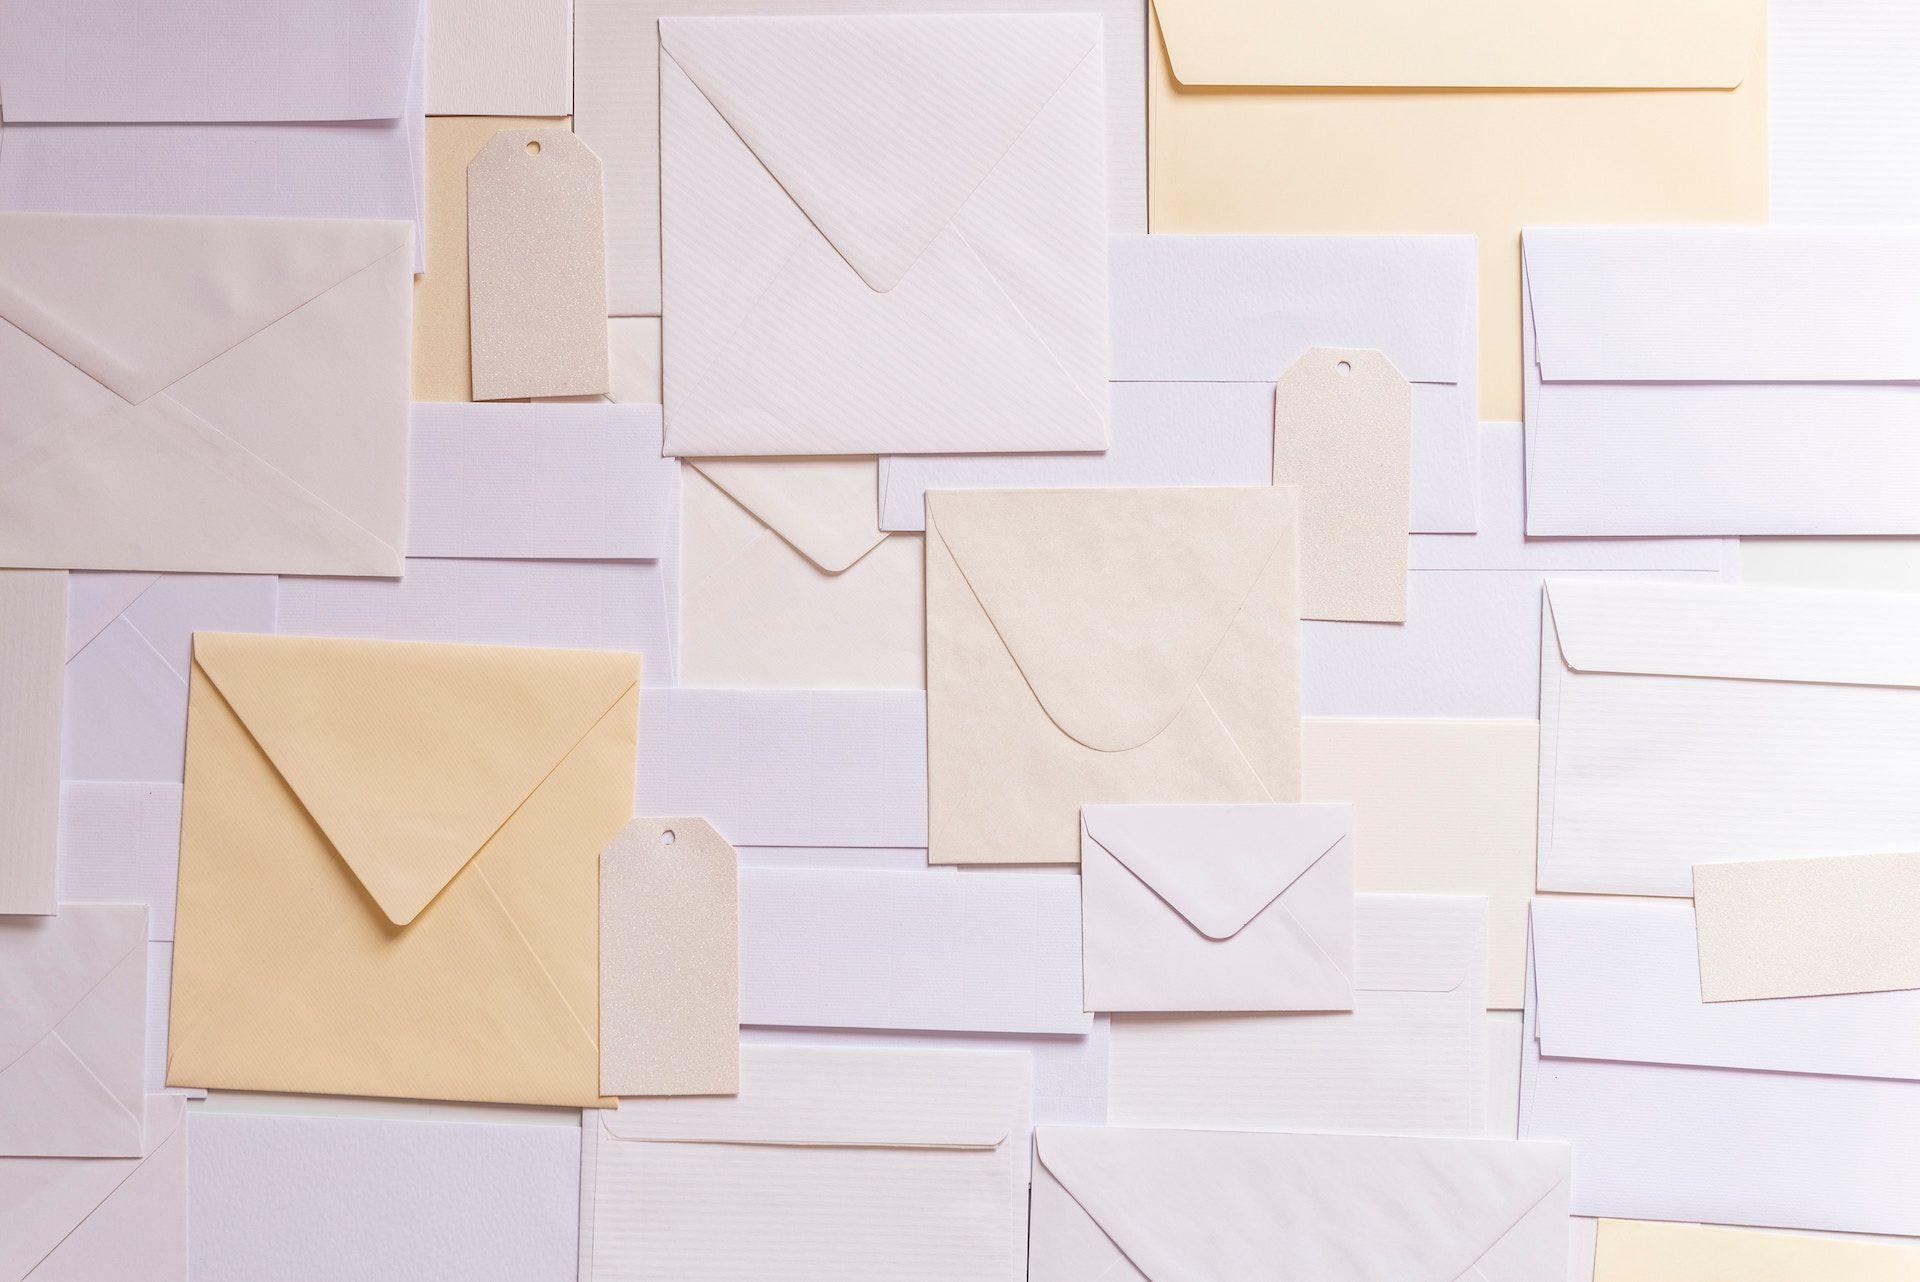 easyRechtssicher-MailerLite-Datenschutzerklärung